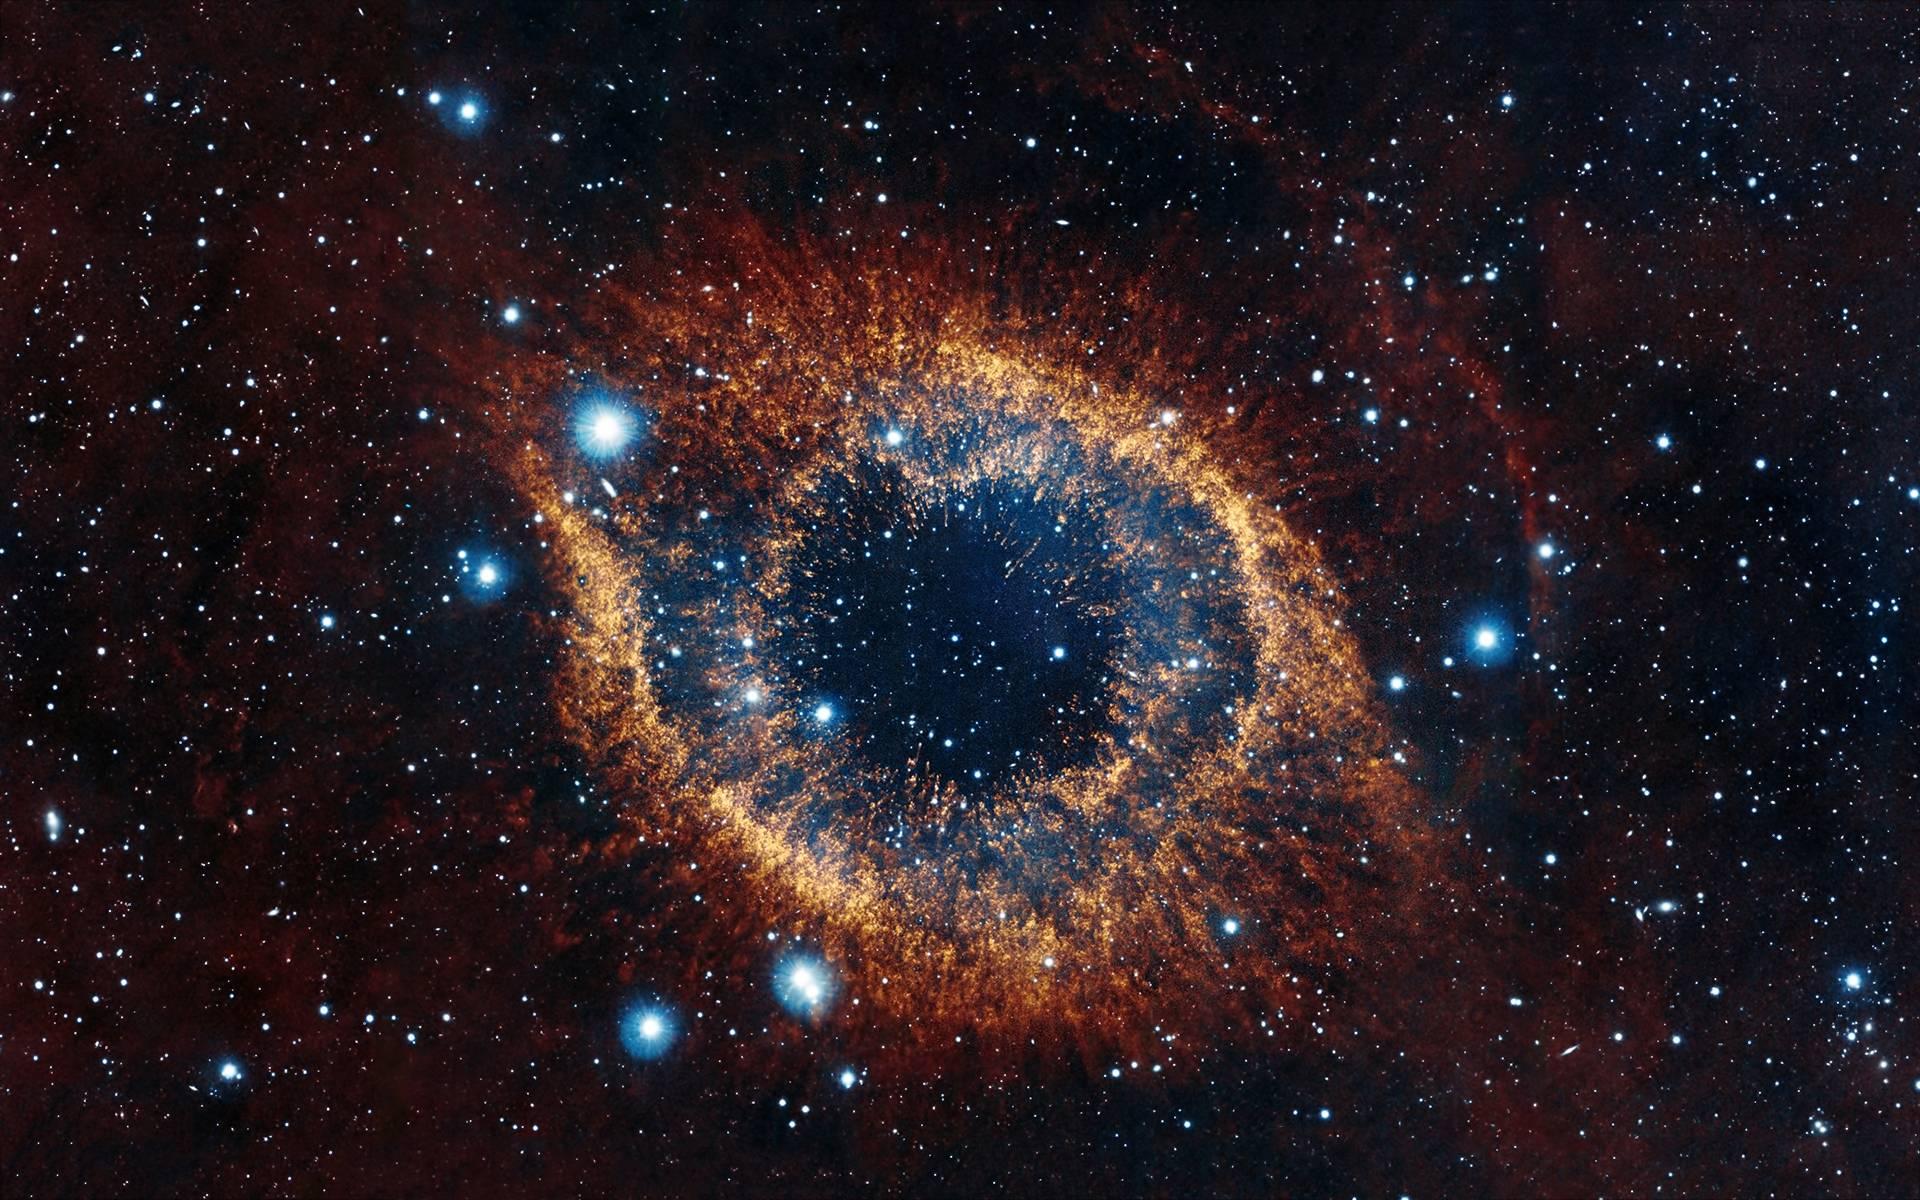 optical illusions hd wallpaper nebula - photo #4